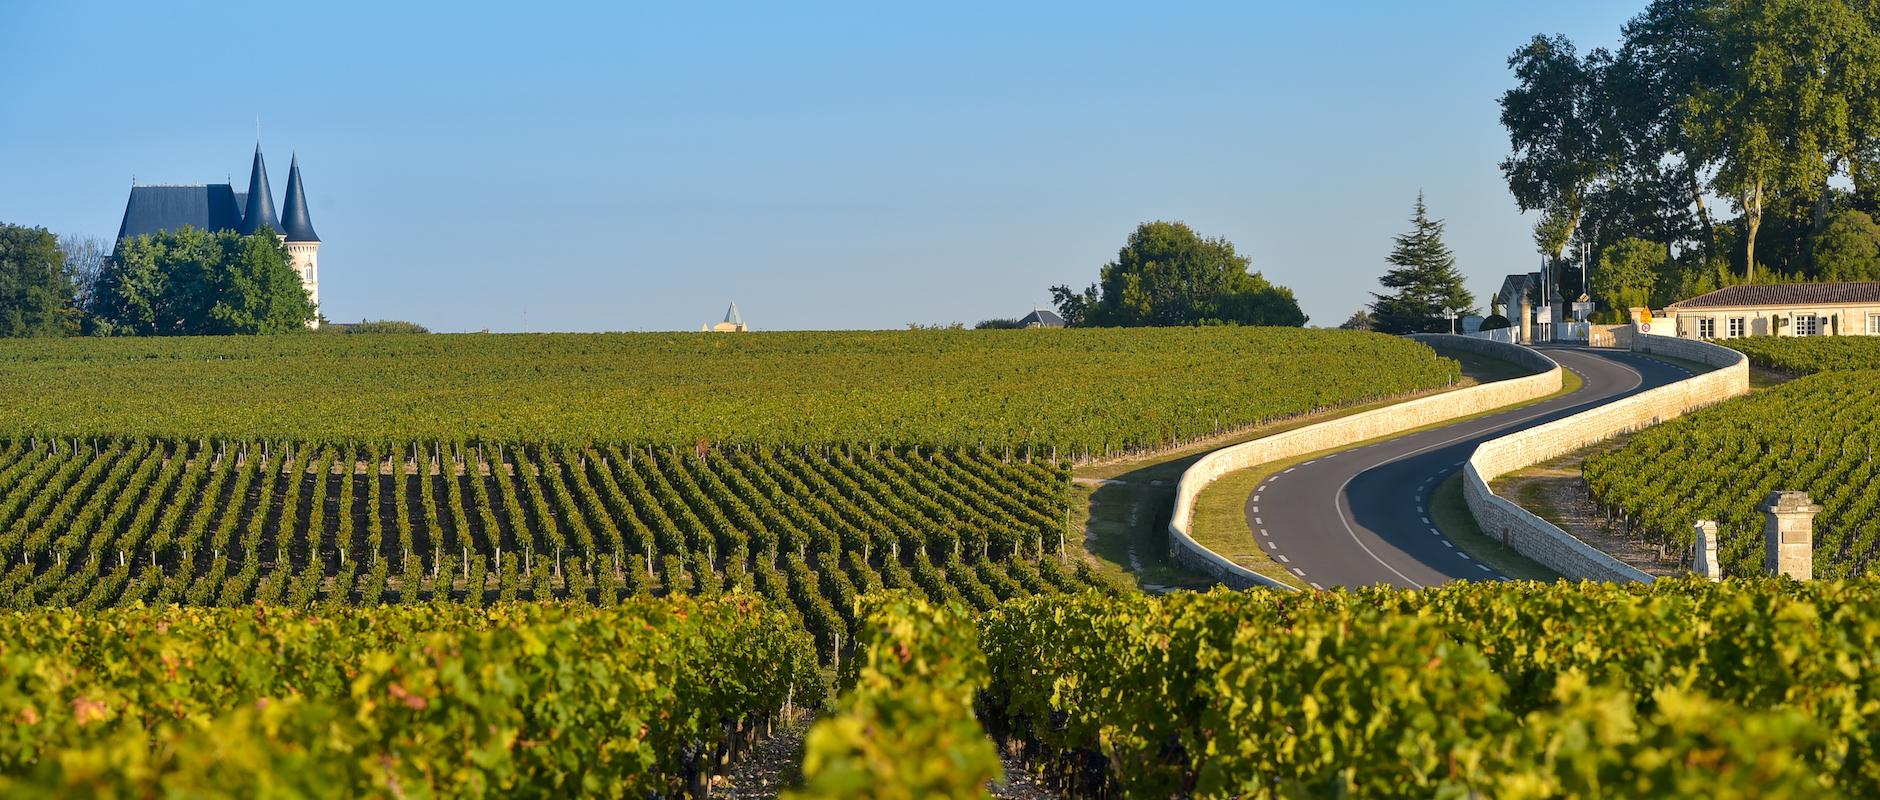 Vignoble Médoc Bordeaux ©FreeProd33 shutterstock